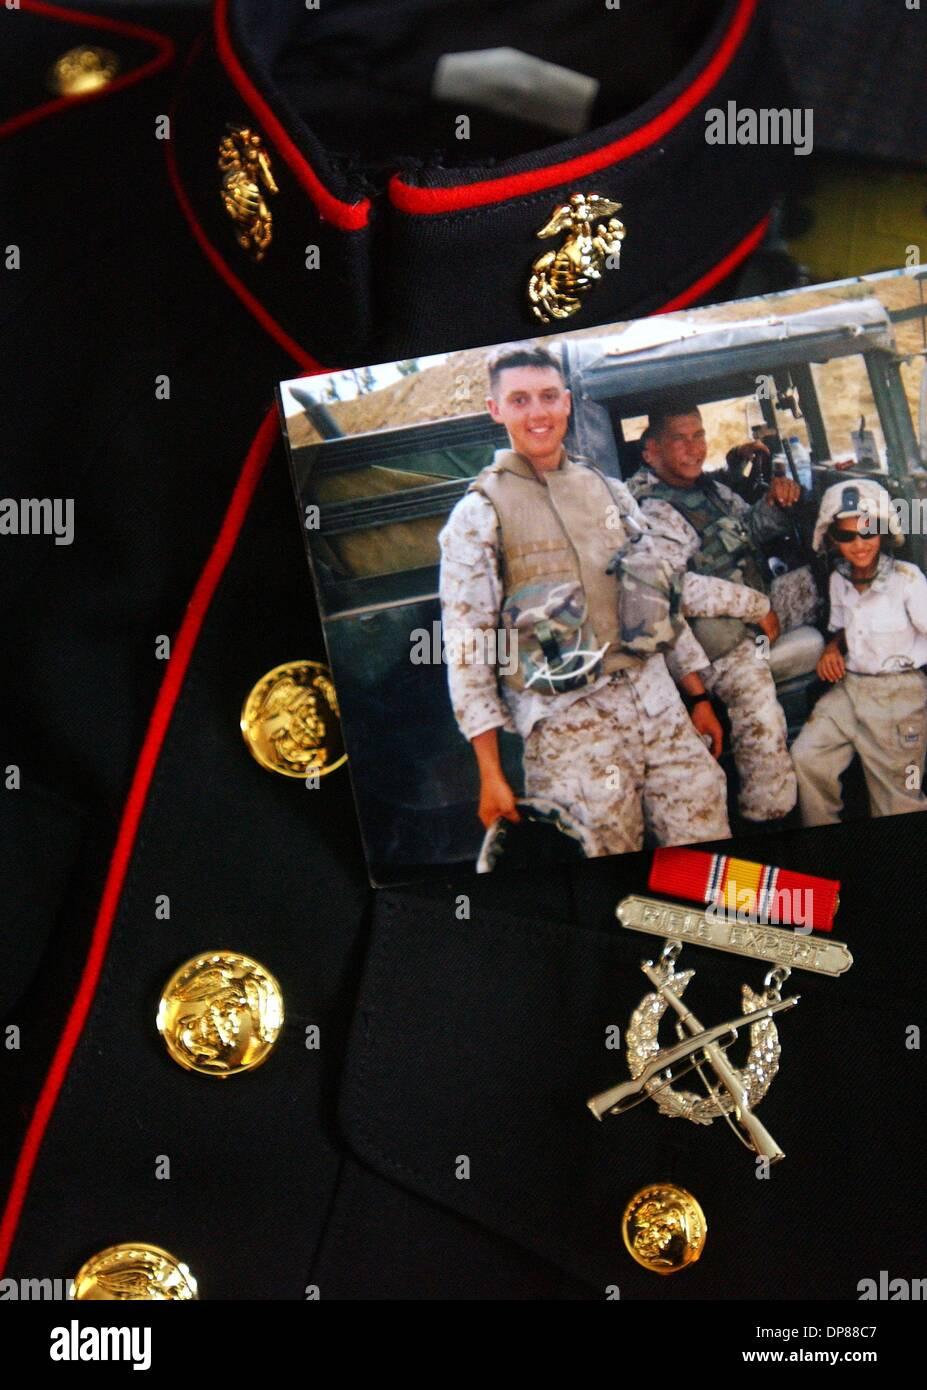 (Pubblicato il 10/17/2004, A-1) NC KYLE 228579 x005 ............. 23 settembre 2004, Nebraska ........... Mesi più tardi Wain e Dixie Codner (CQ) deve decidere cosa fare con il loro figlio marino del vestito blu uniforme lungo con molte foto di loro figlio preso mentre dispiegato in Iraq. Kyle Codner era un U.S. Marine di stanza a Camp Pendleton e distribuito in Iraq è stato ucciso in indietro nel mese di maggio Immagini Stock